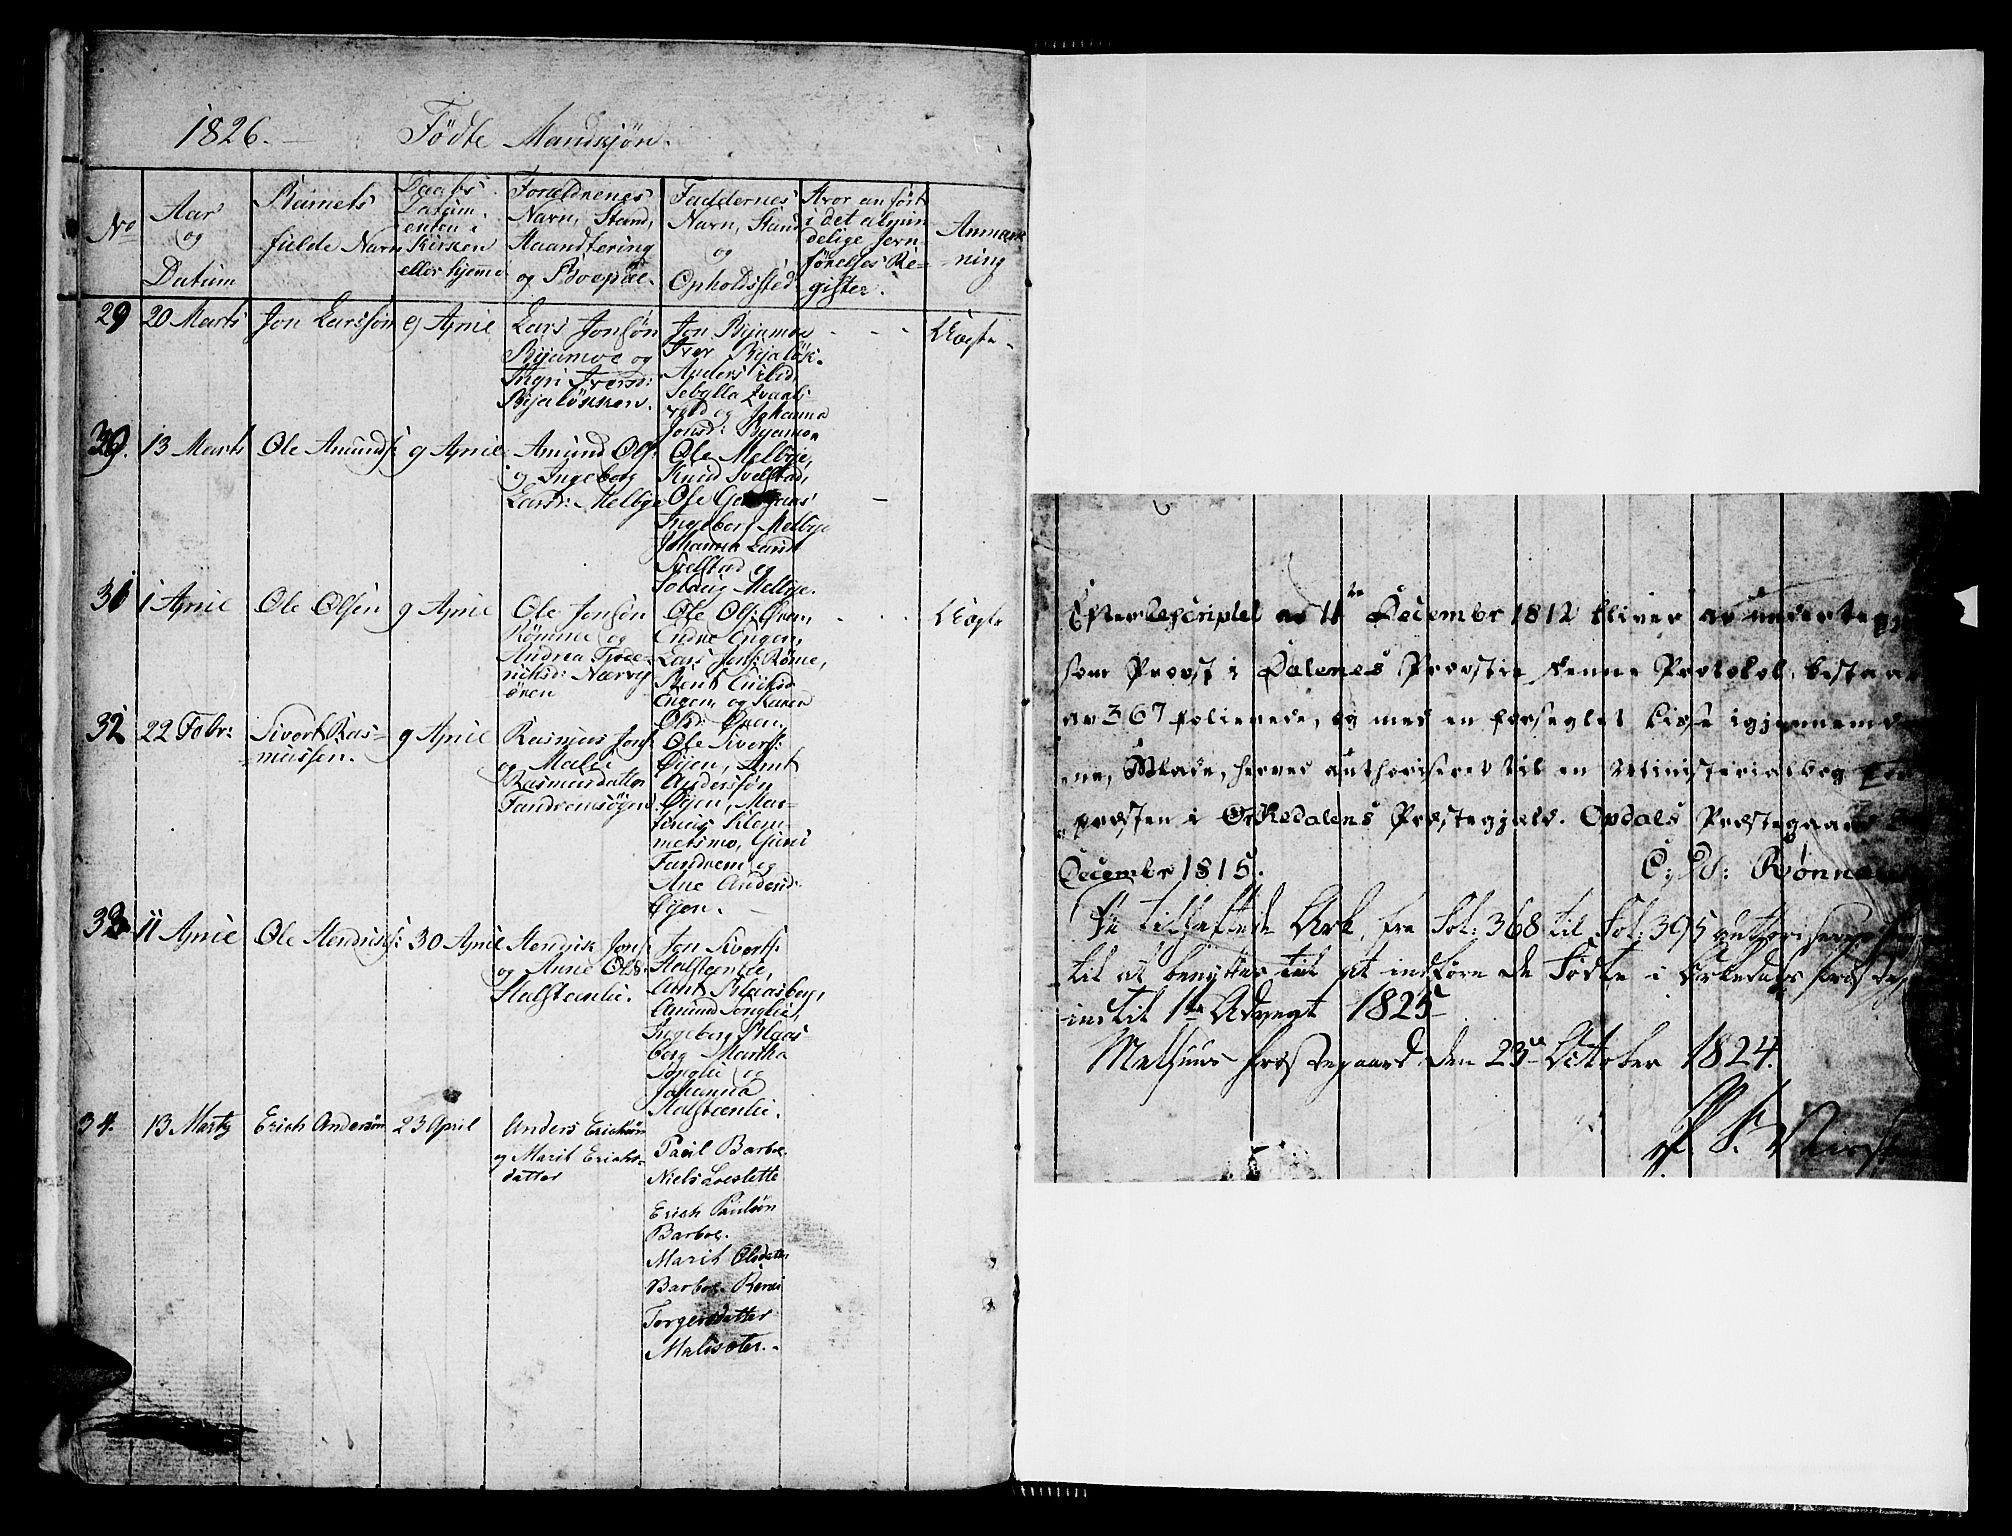 SAT, Ministerialprotokoller, klokkerbøker og fødselsregistre - Sør-Trøndelag, 668/L0803: Ministerialbok nr. 668A03, 1800-1826, s. 396